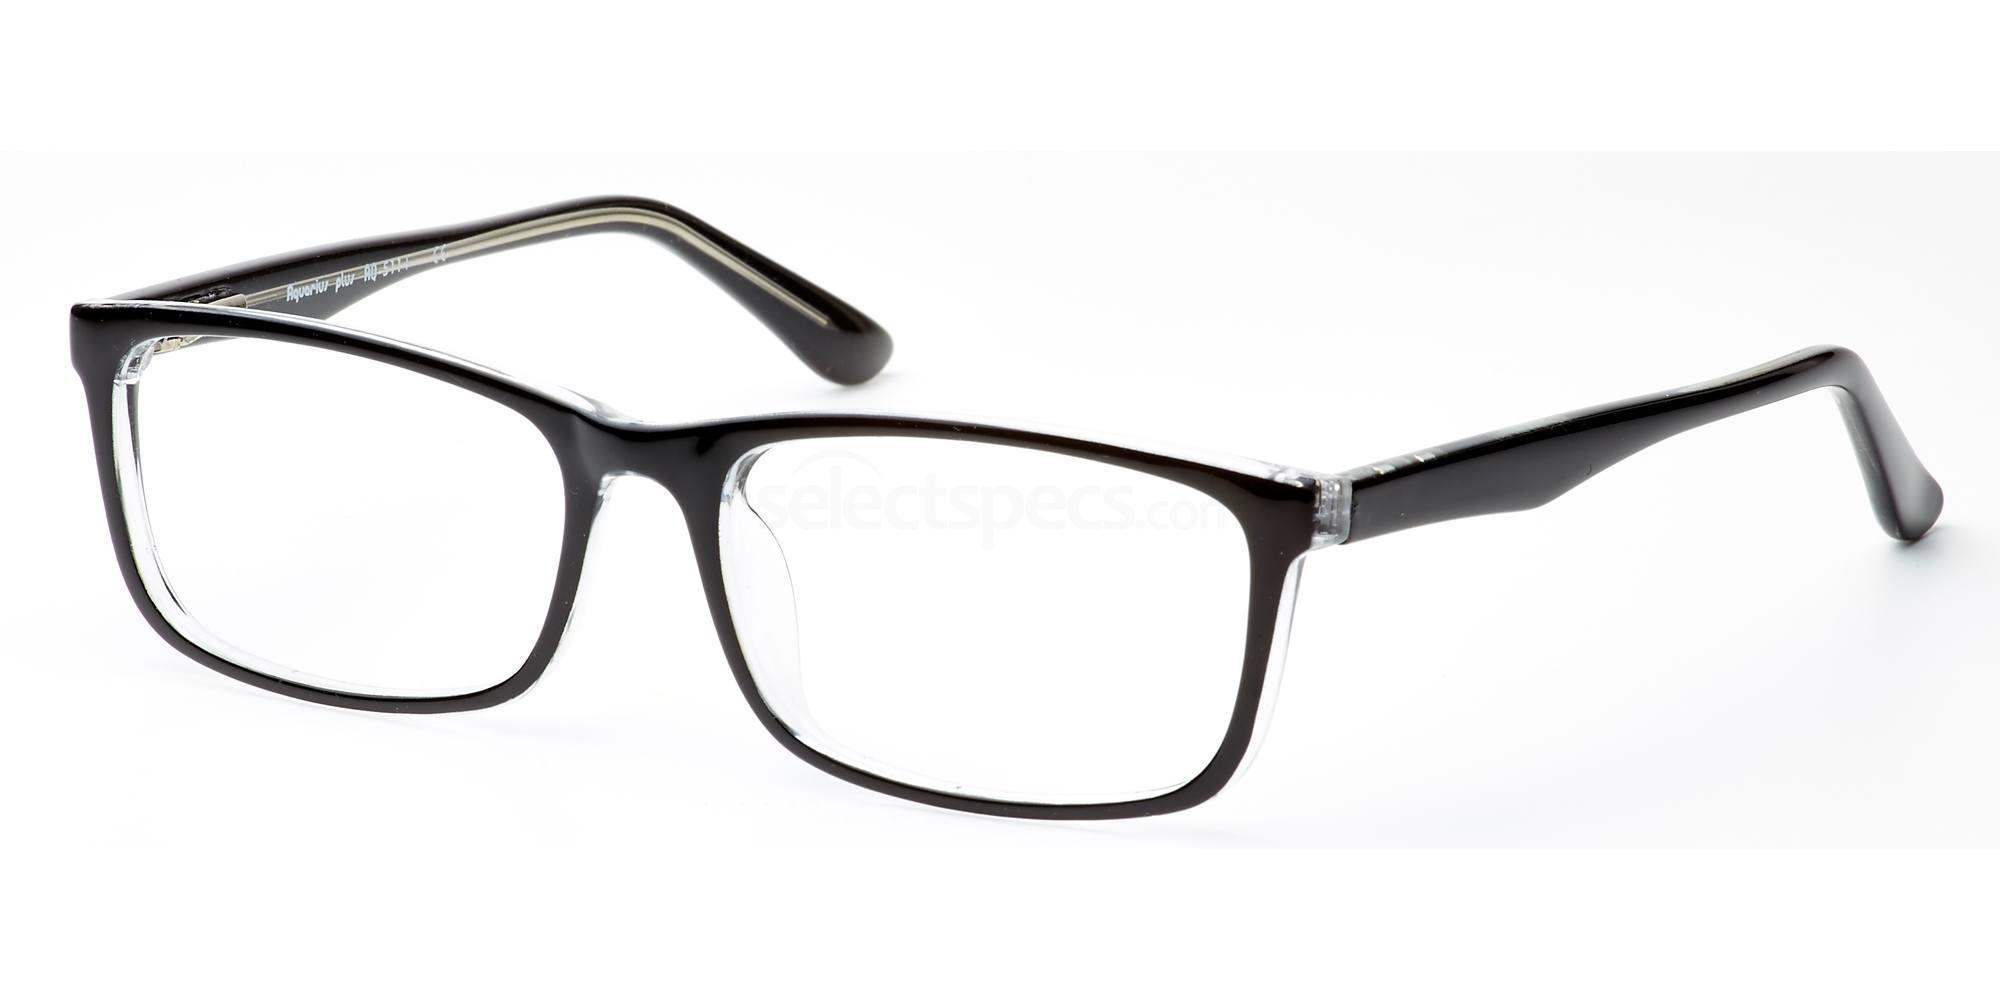 C1 AQ+511 Glasses, Aquarius+